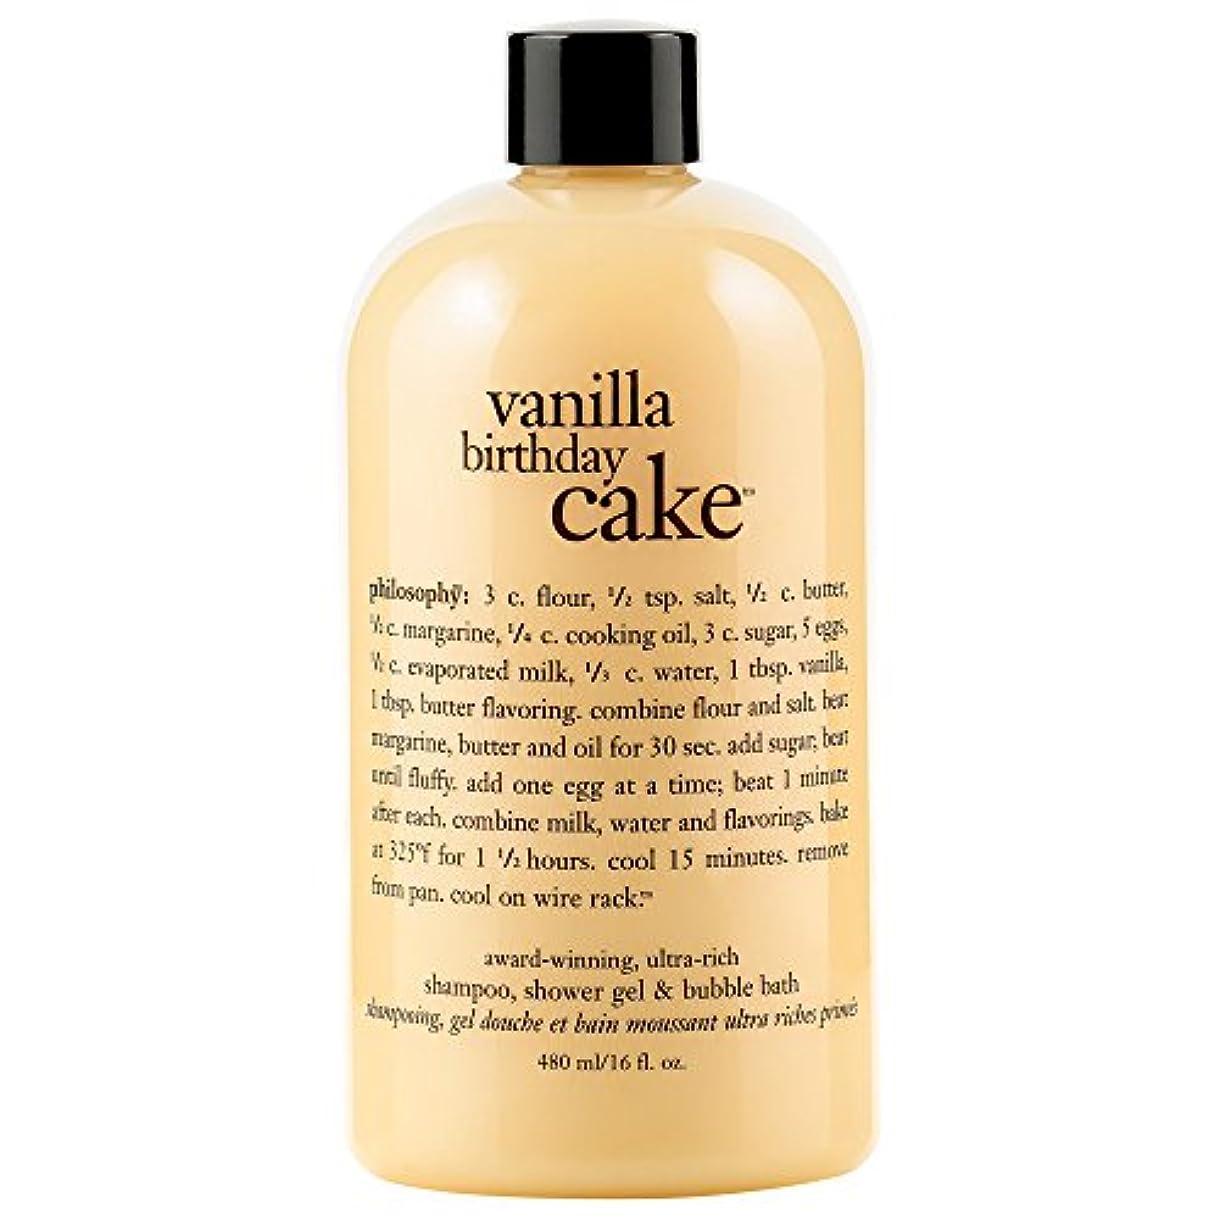 アルファベットお香夫哲学バニラバースデーケーキシャンプー/シャワージェル/バブルバス480ミリリットル (Philosophy) (x2) - Philosophy Vanilla Birthday Cake Shampoo/Shower...